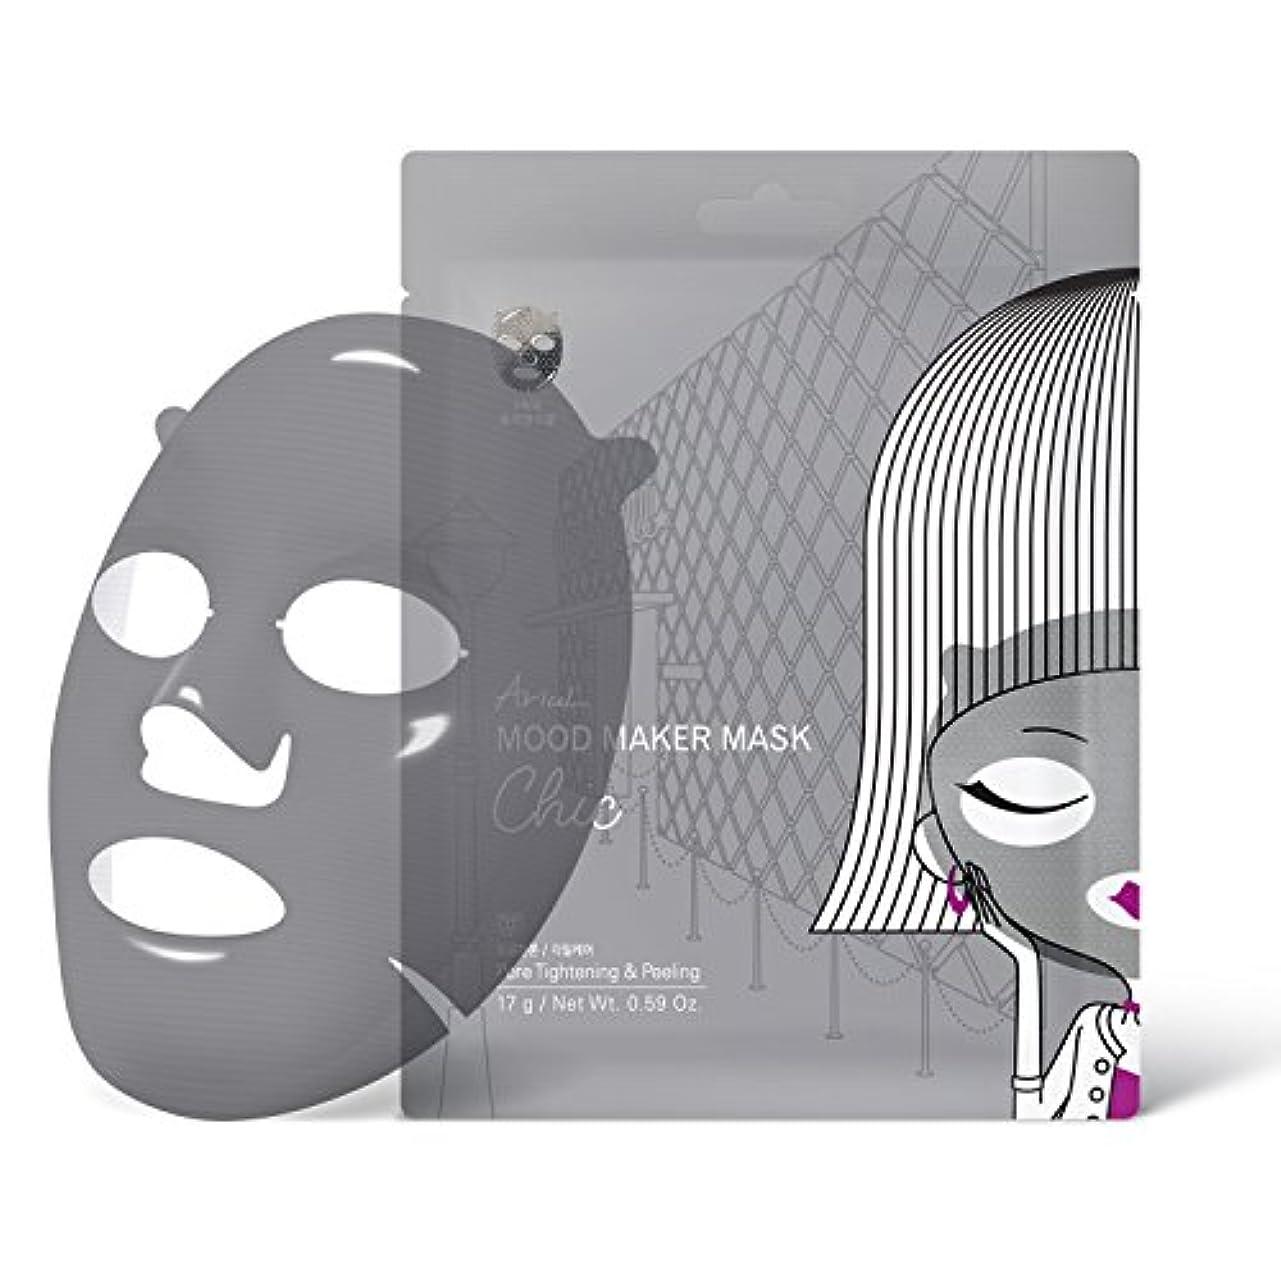 荒廃するハロウィンガムアリウル ムードメーカーマスク シック 1枚入り